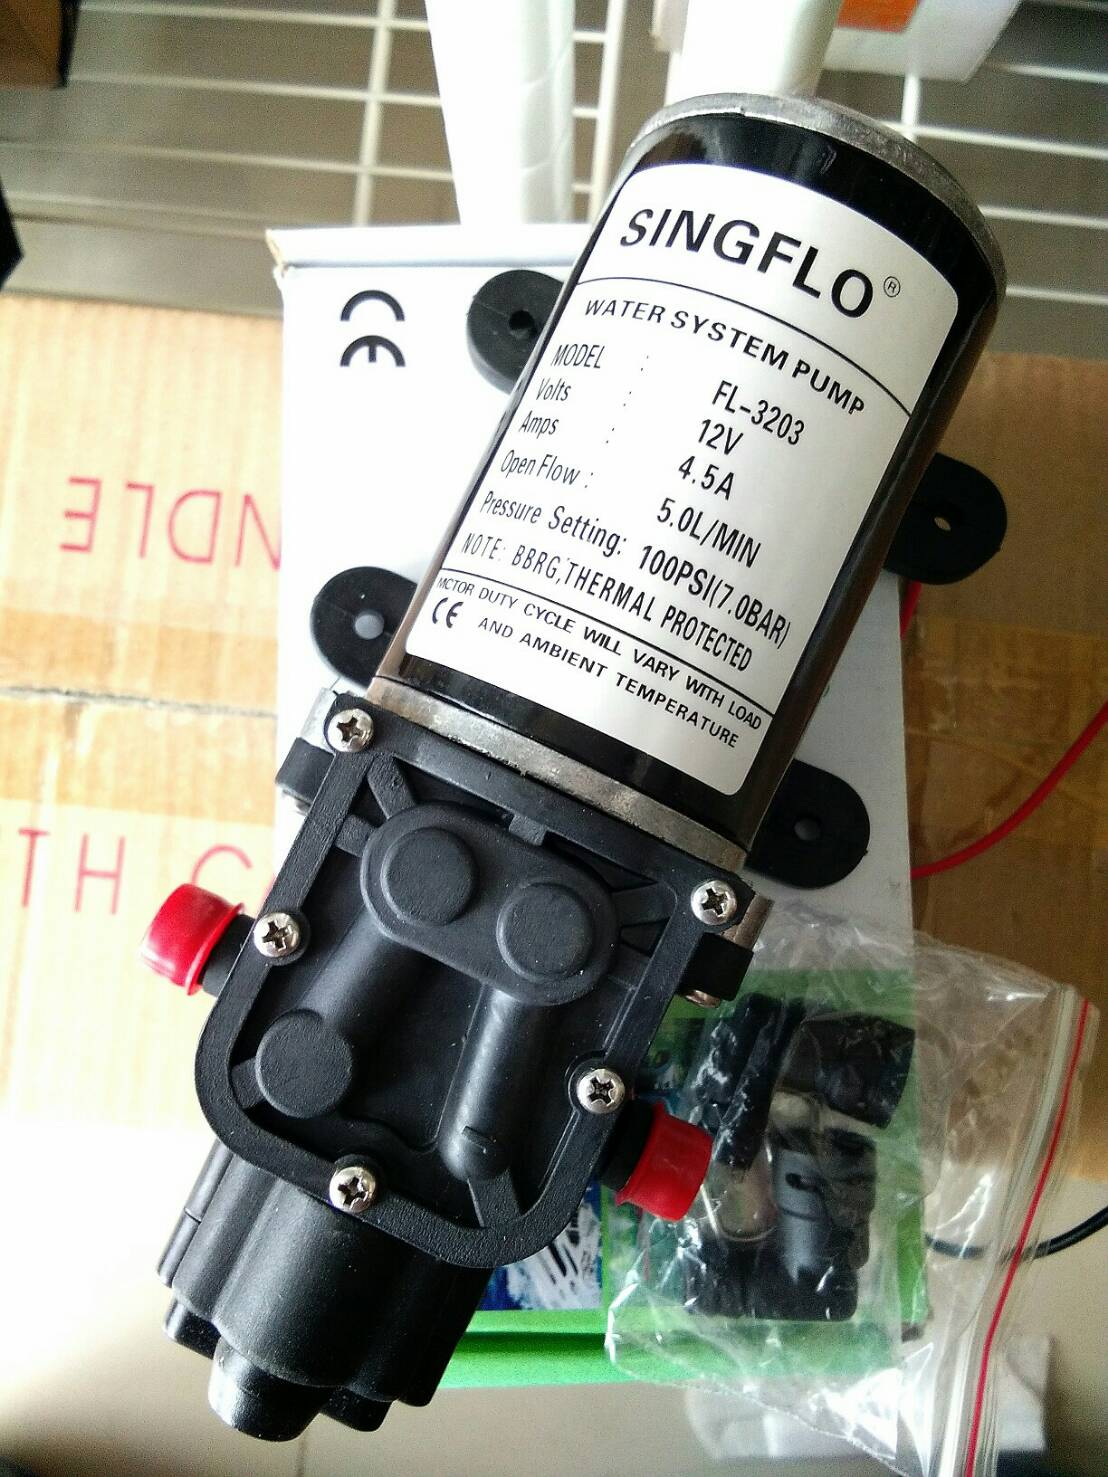 โซล่าปั๊ม ชนิดไดอะแฟรม (Diaphragm) ขนาด 5LPM 12VDC 4.5A 100PSI